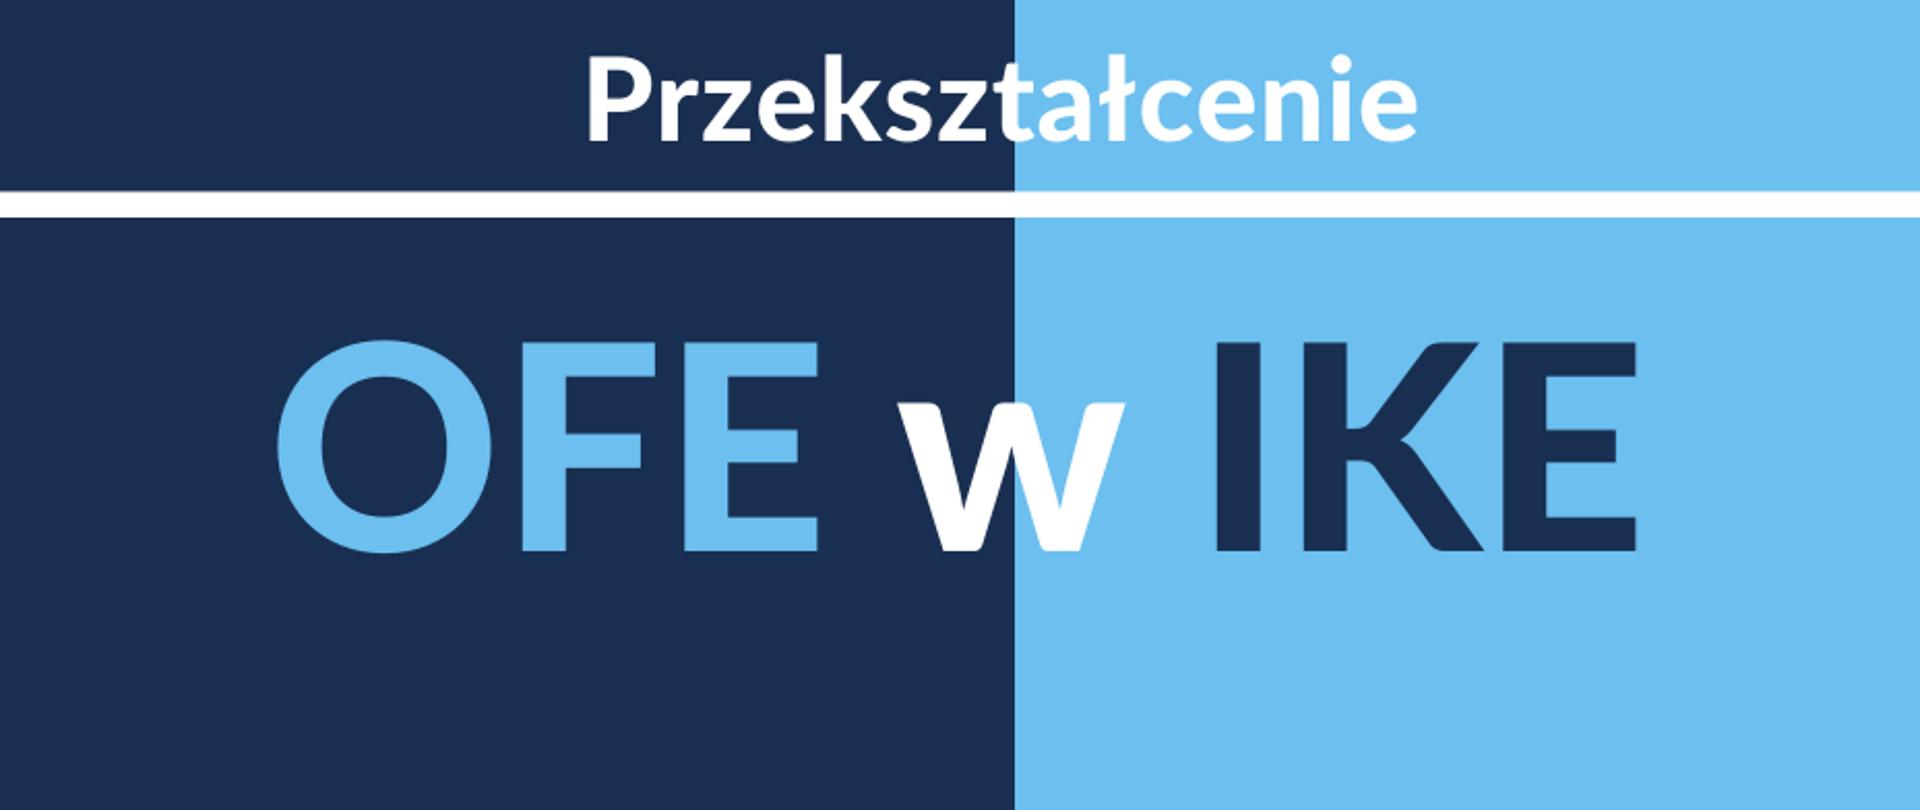 """OFE w IKE - grafika MInisterstwa Funduszy i Polityki Regionalnej Na granatowo-niebieskim tle napis: """"Grafika : Przekształcenie OFE w IKE"""""""